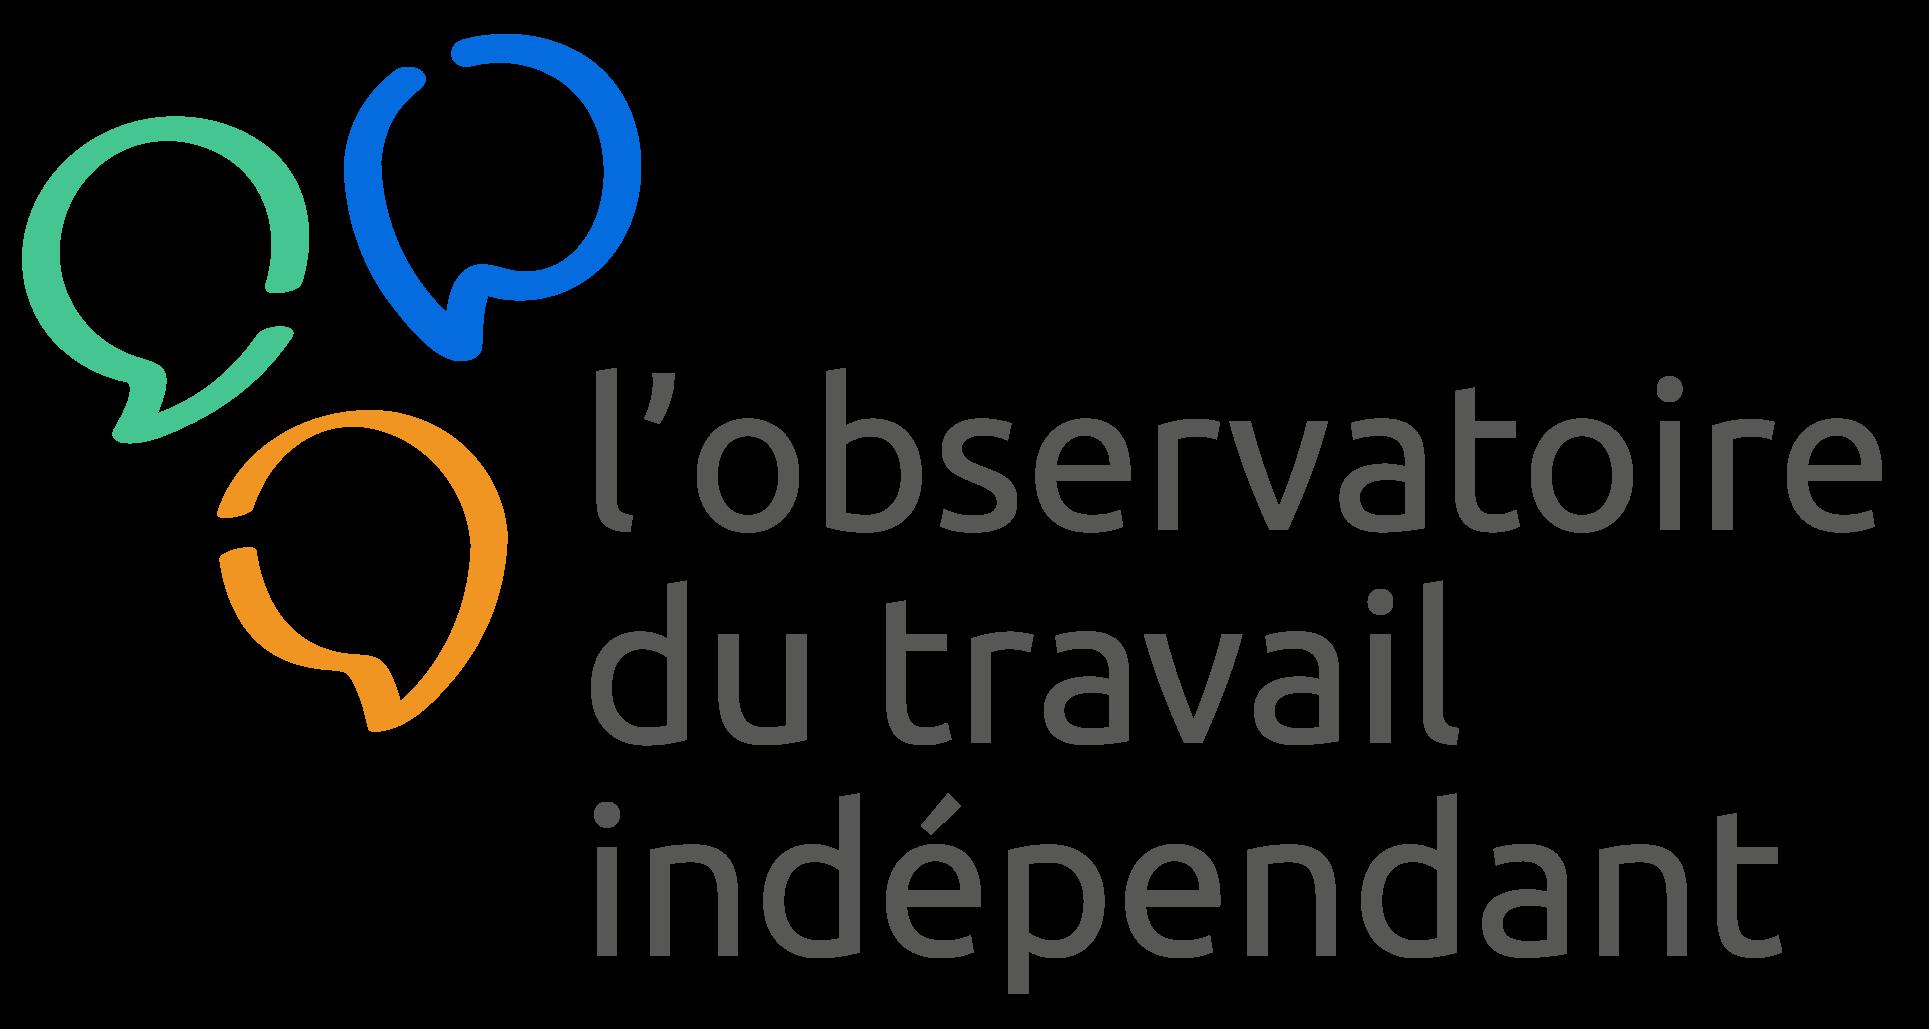 observatoire indépendant du travail